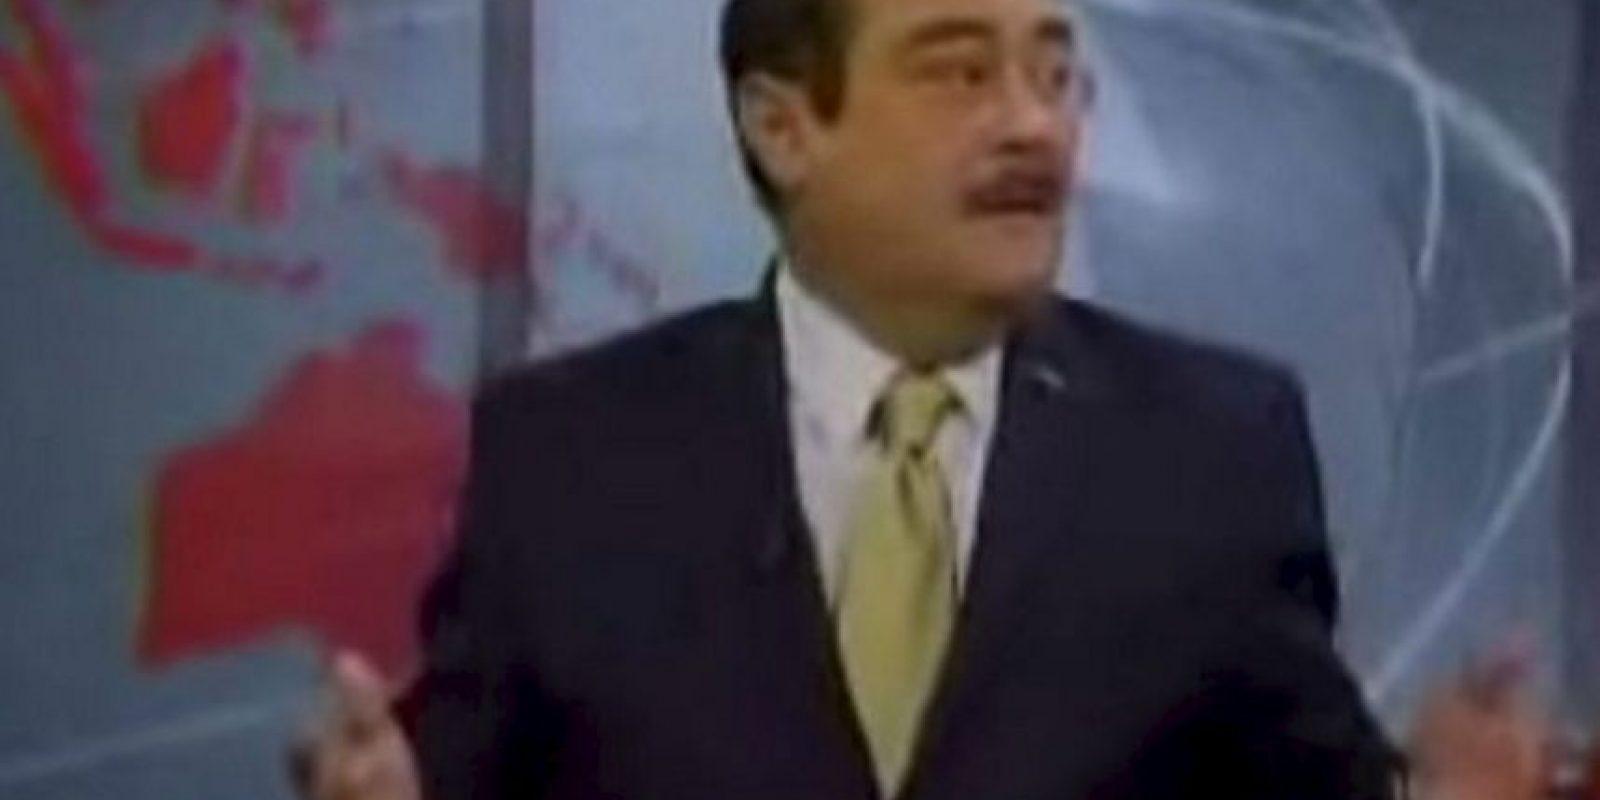 Periodista mexicano insulta y se refiere despectivamente a sus colegas de otra televisora sin saber que estaba al aire. Los memes no faltaron. Foto:Vía Youtube.com